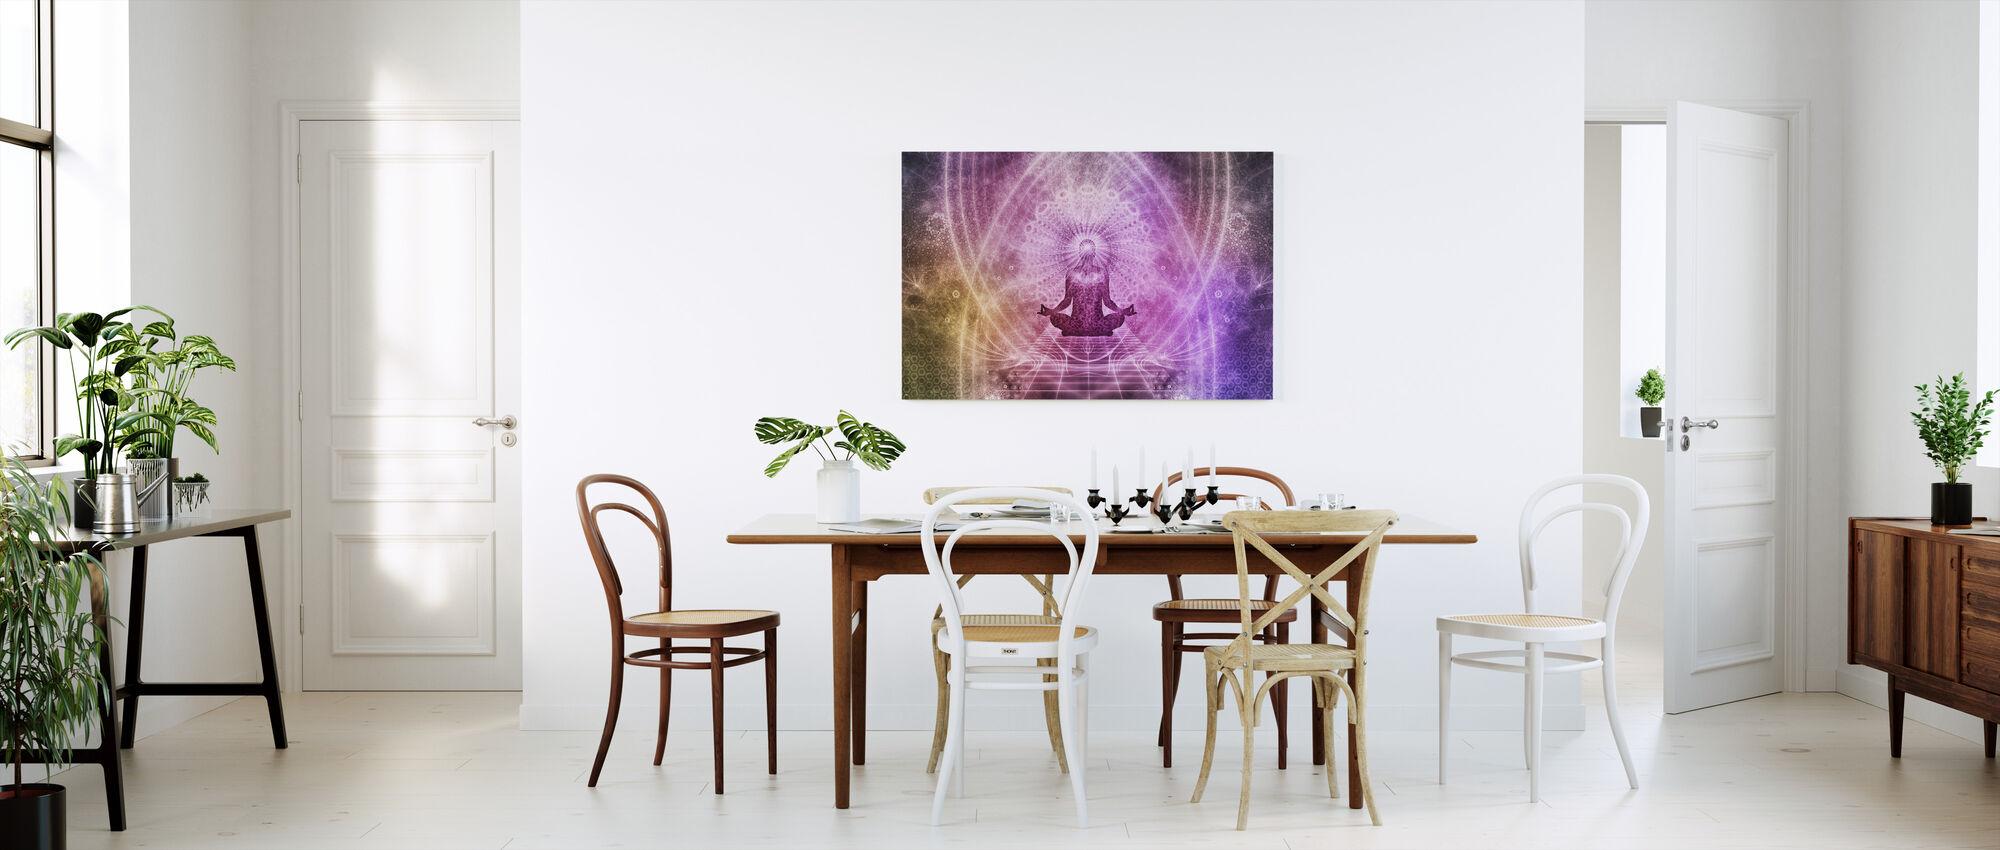 Åndelig meditasjon - Lerretsbilde - Kjøkken